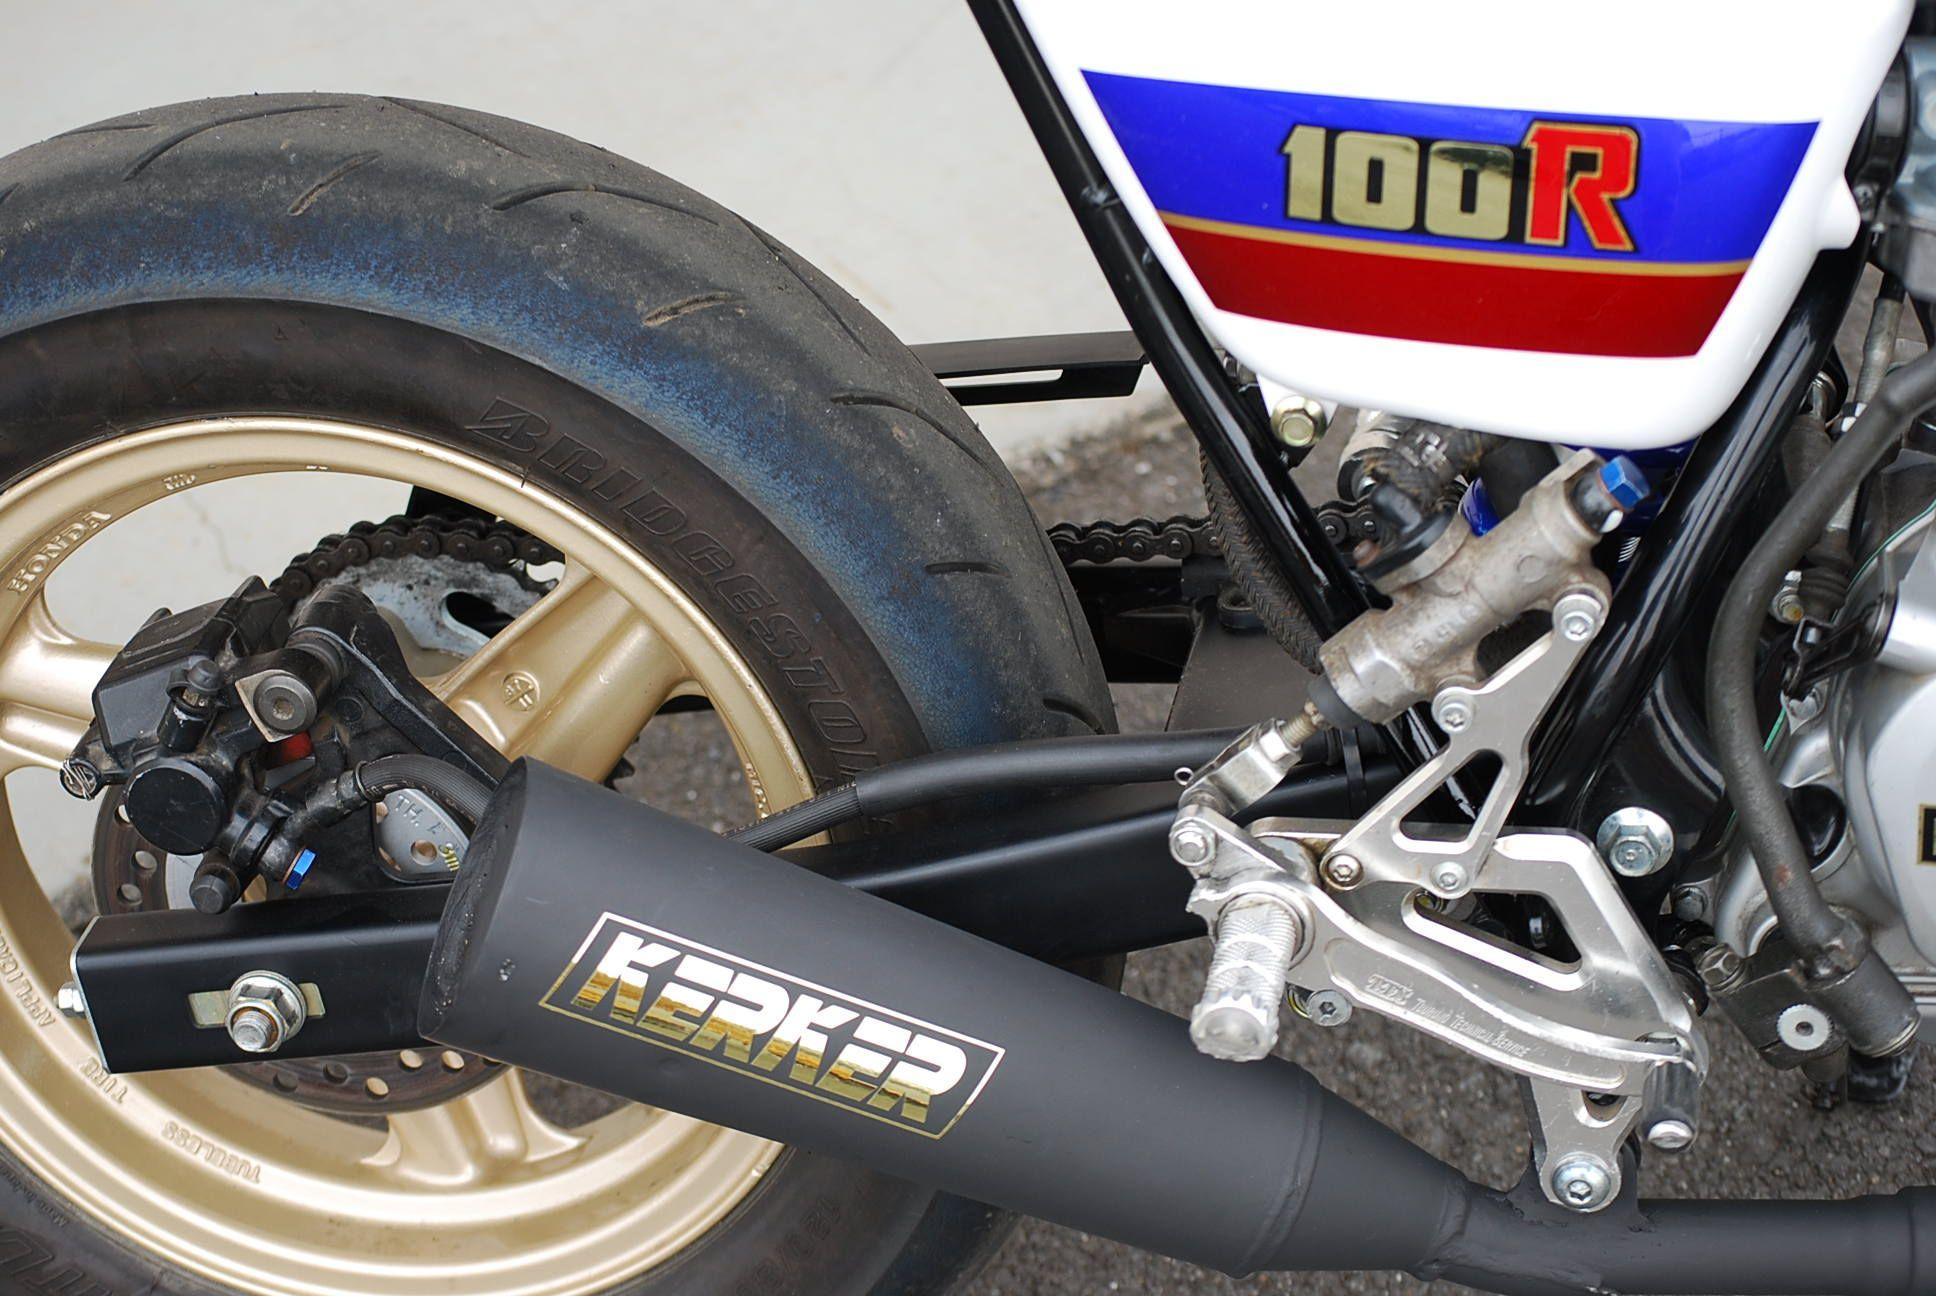 Honda ape kawasaki z 100r by rcr hang out bloghondahtml